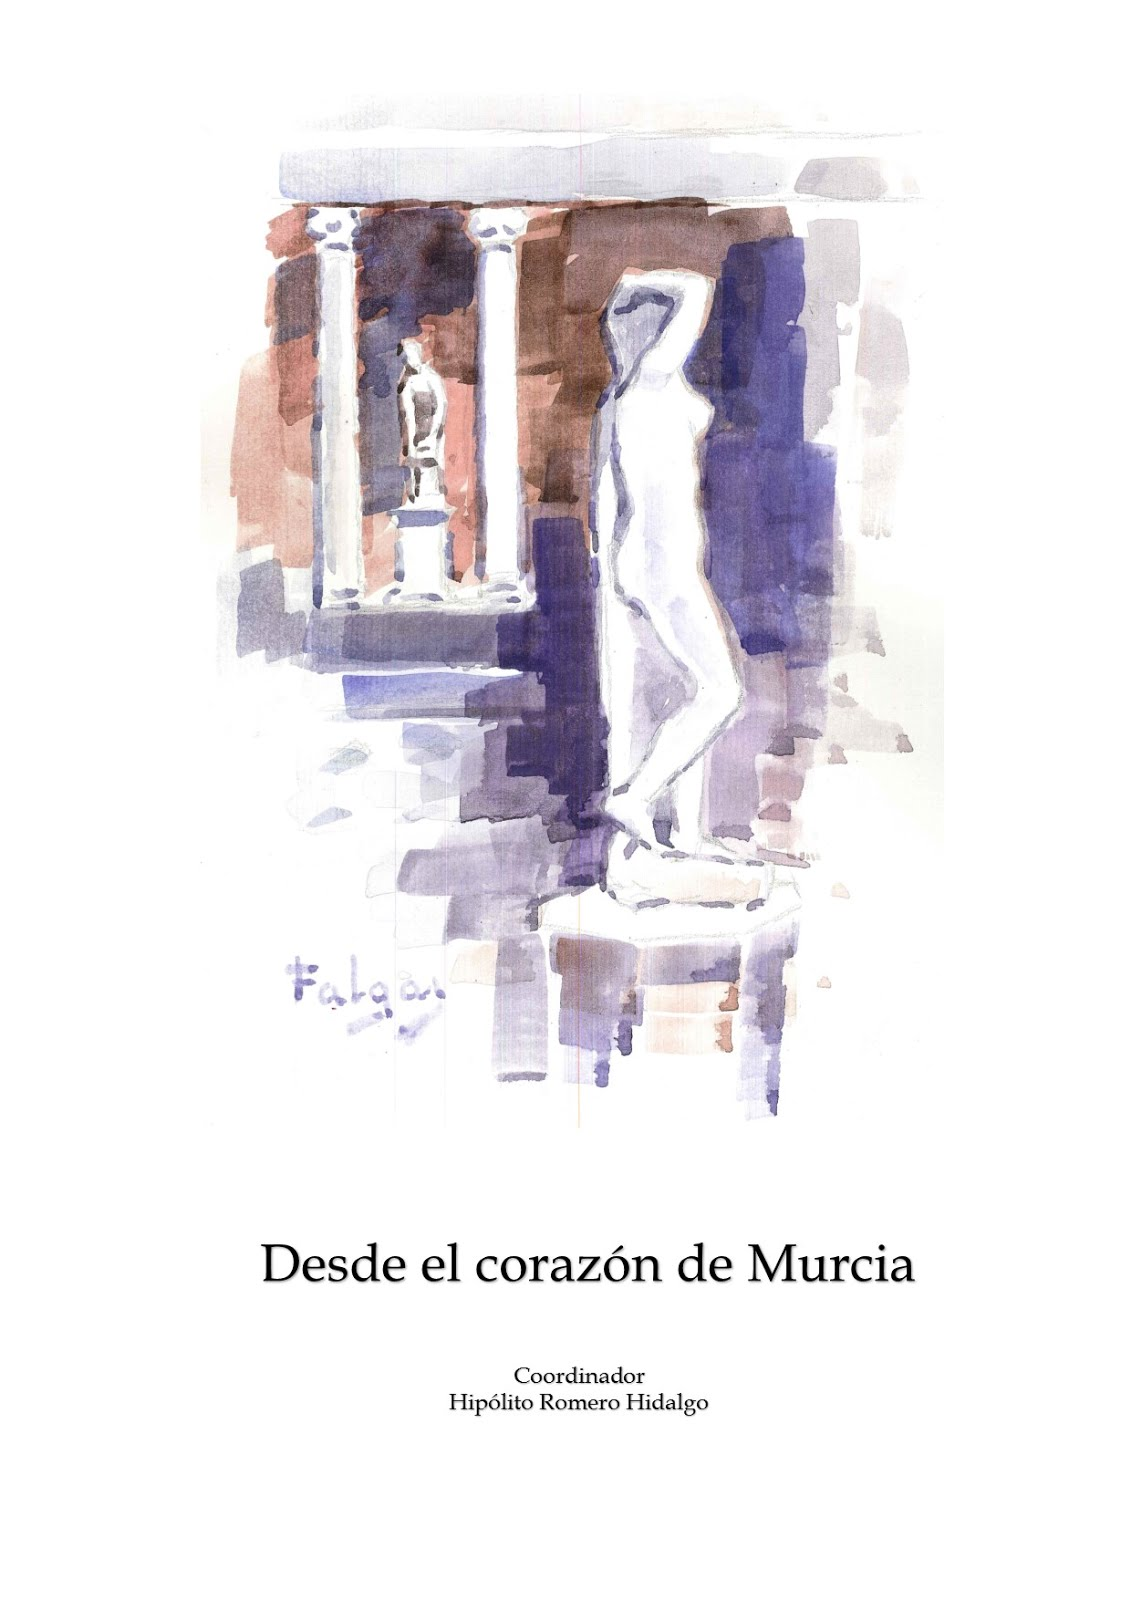 DESDE EL CORAZÓN DE MURCIA I